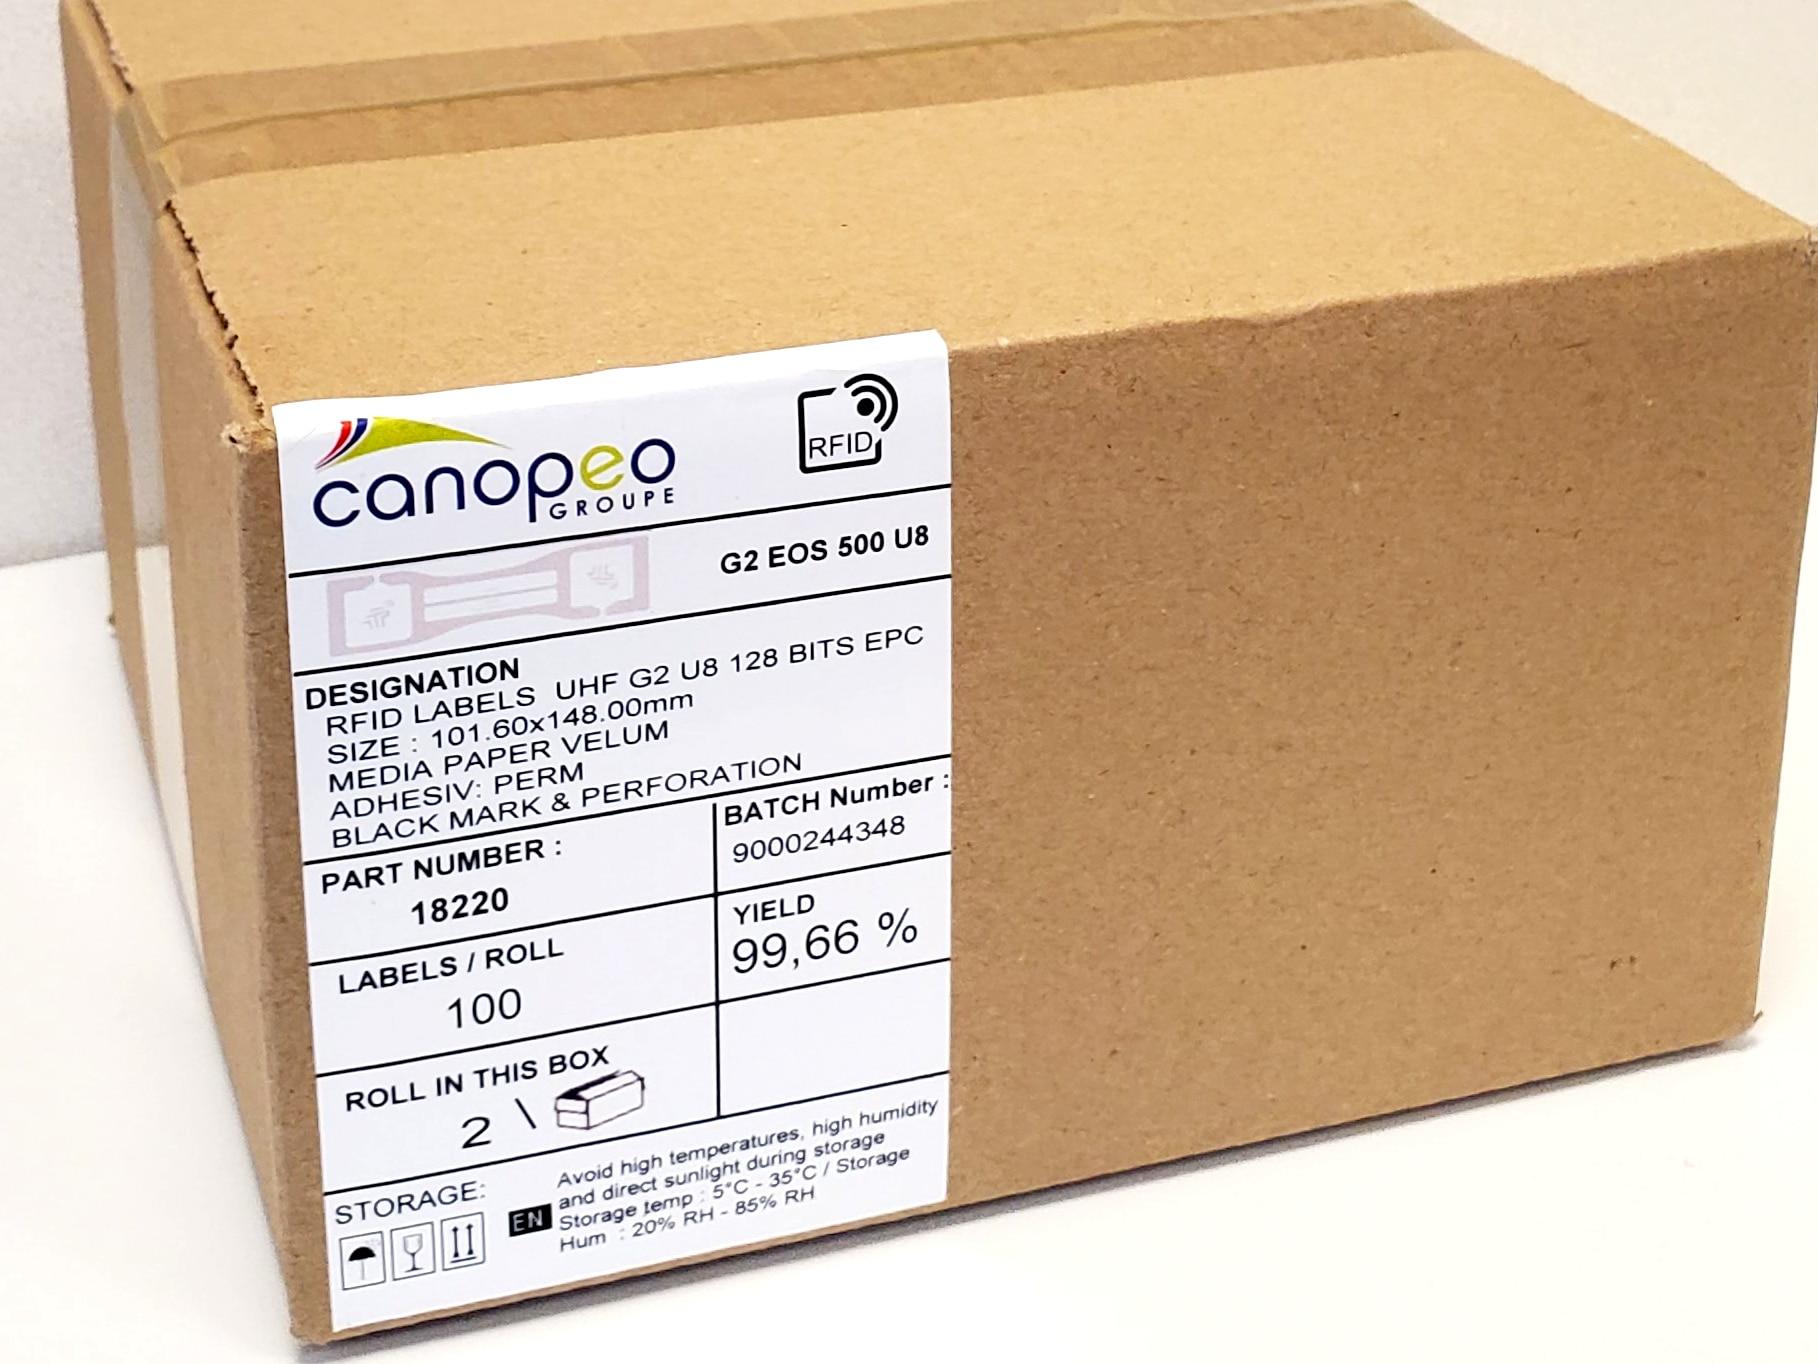 etiquette carton canopeo